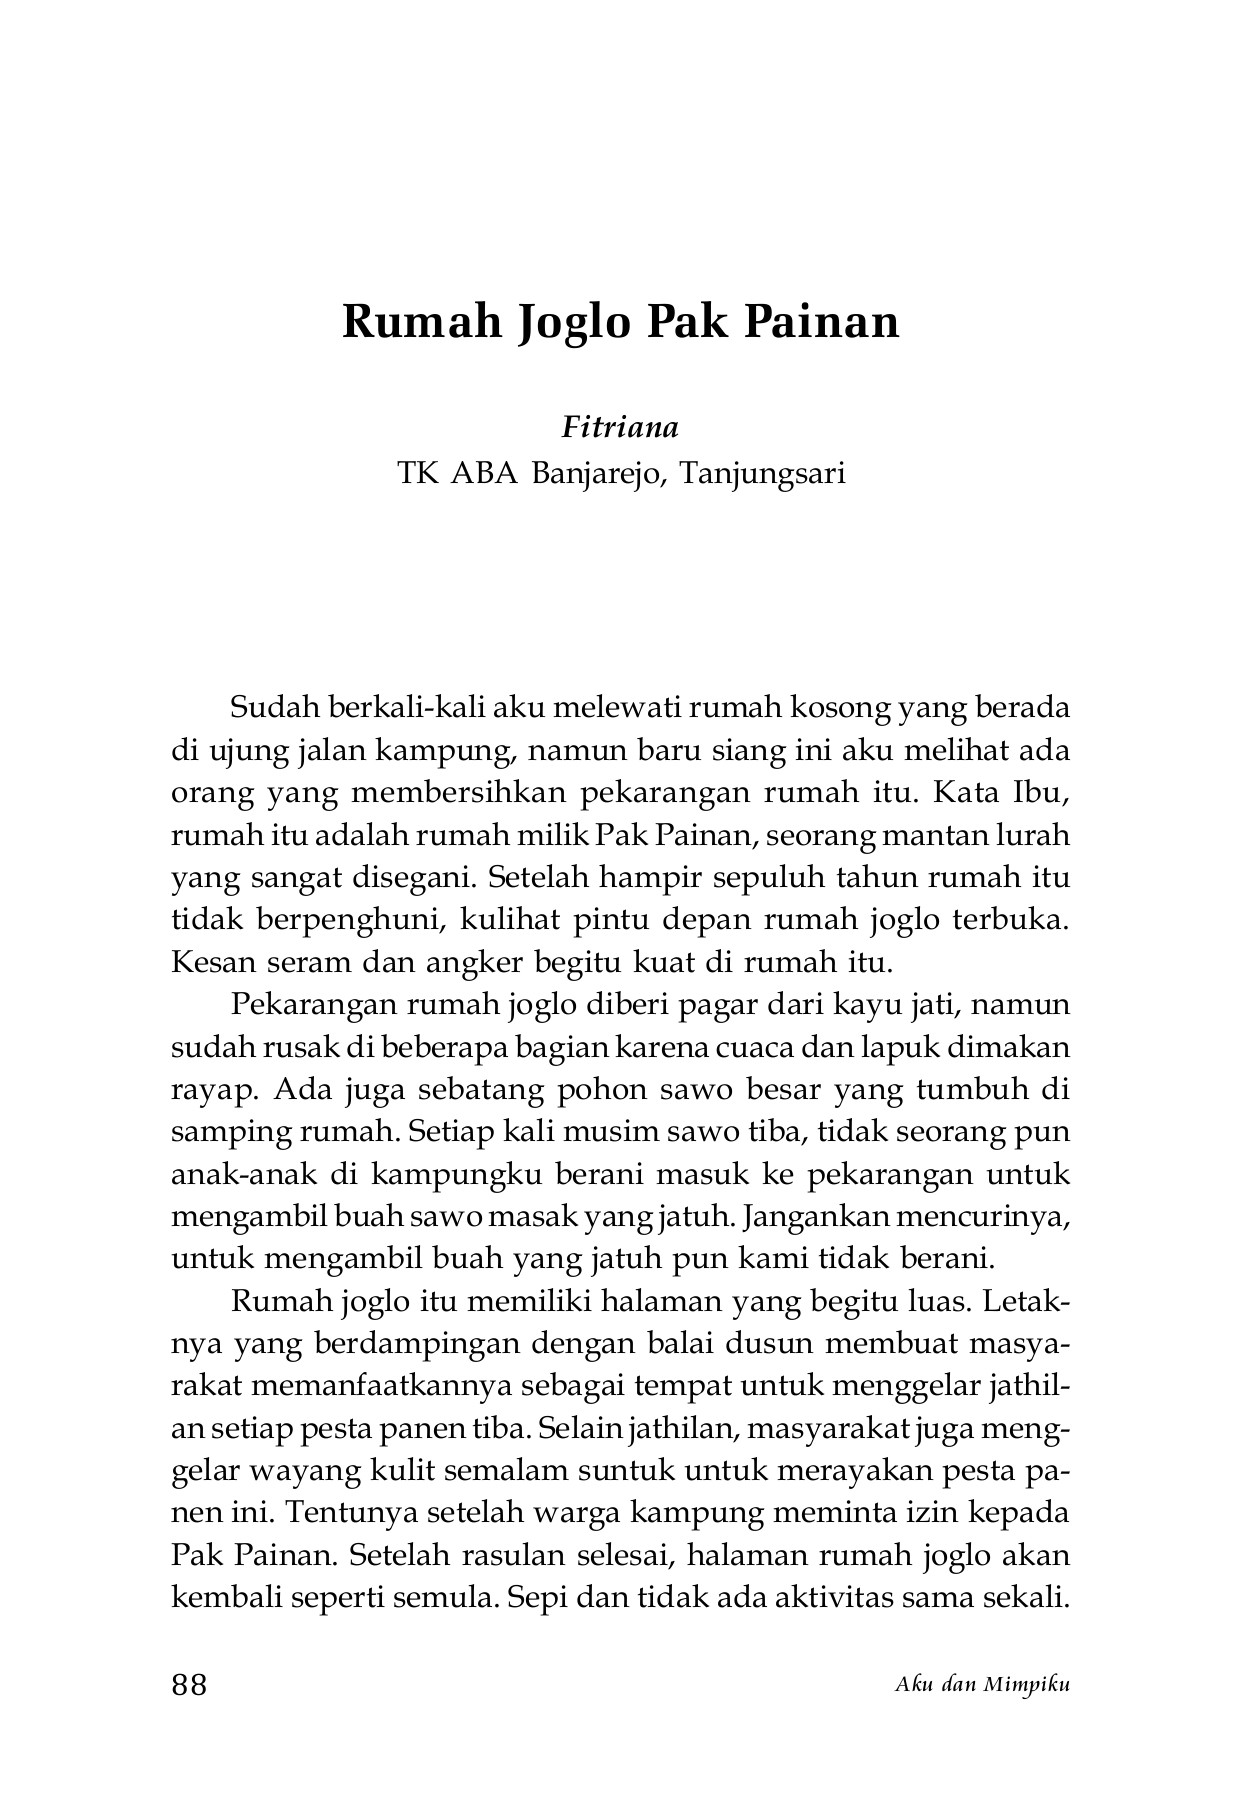 AKU DAN MIMPIKU Antologi Cerita Anak 201 Flip Book Pages 101